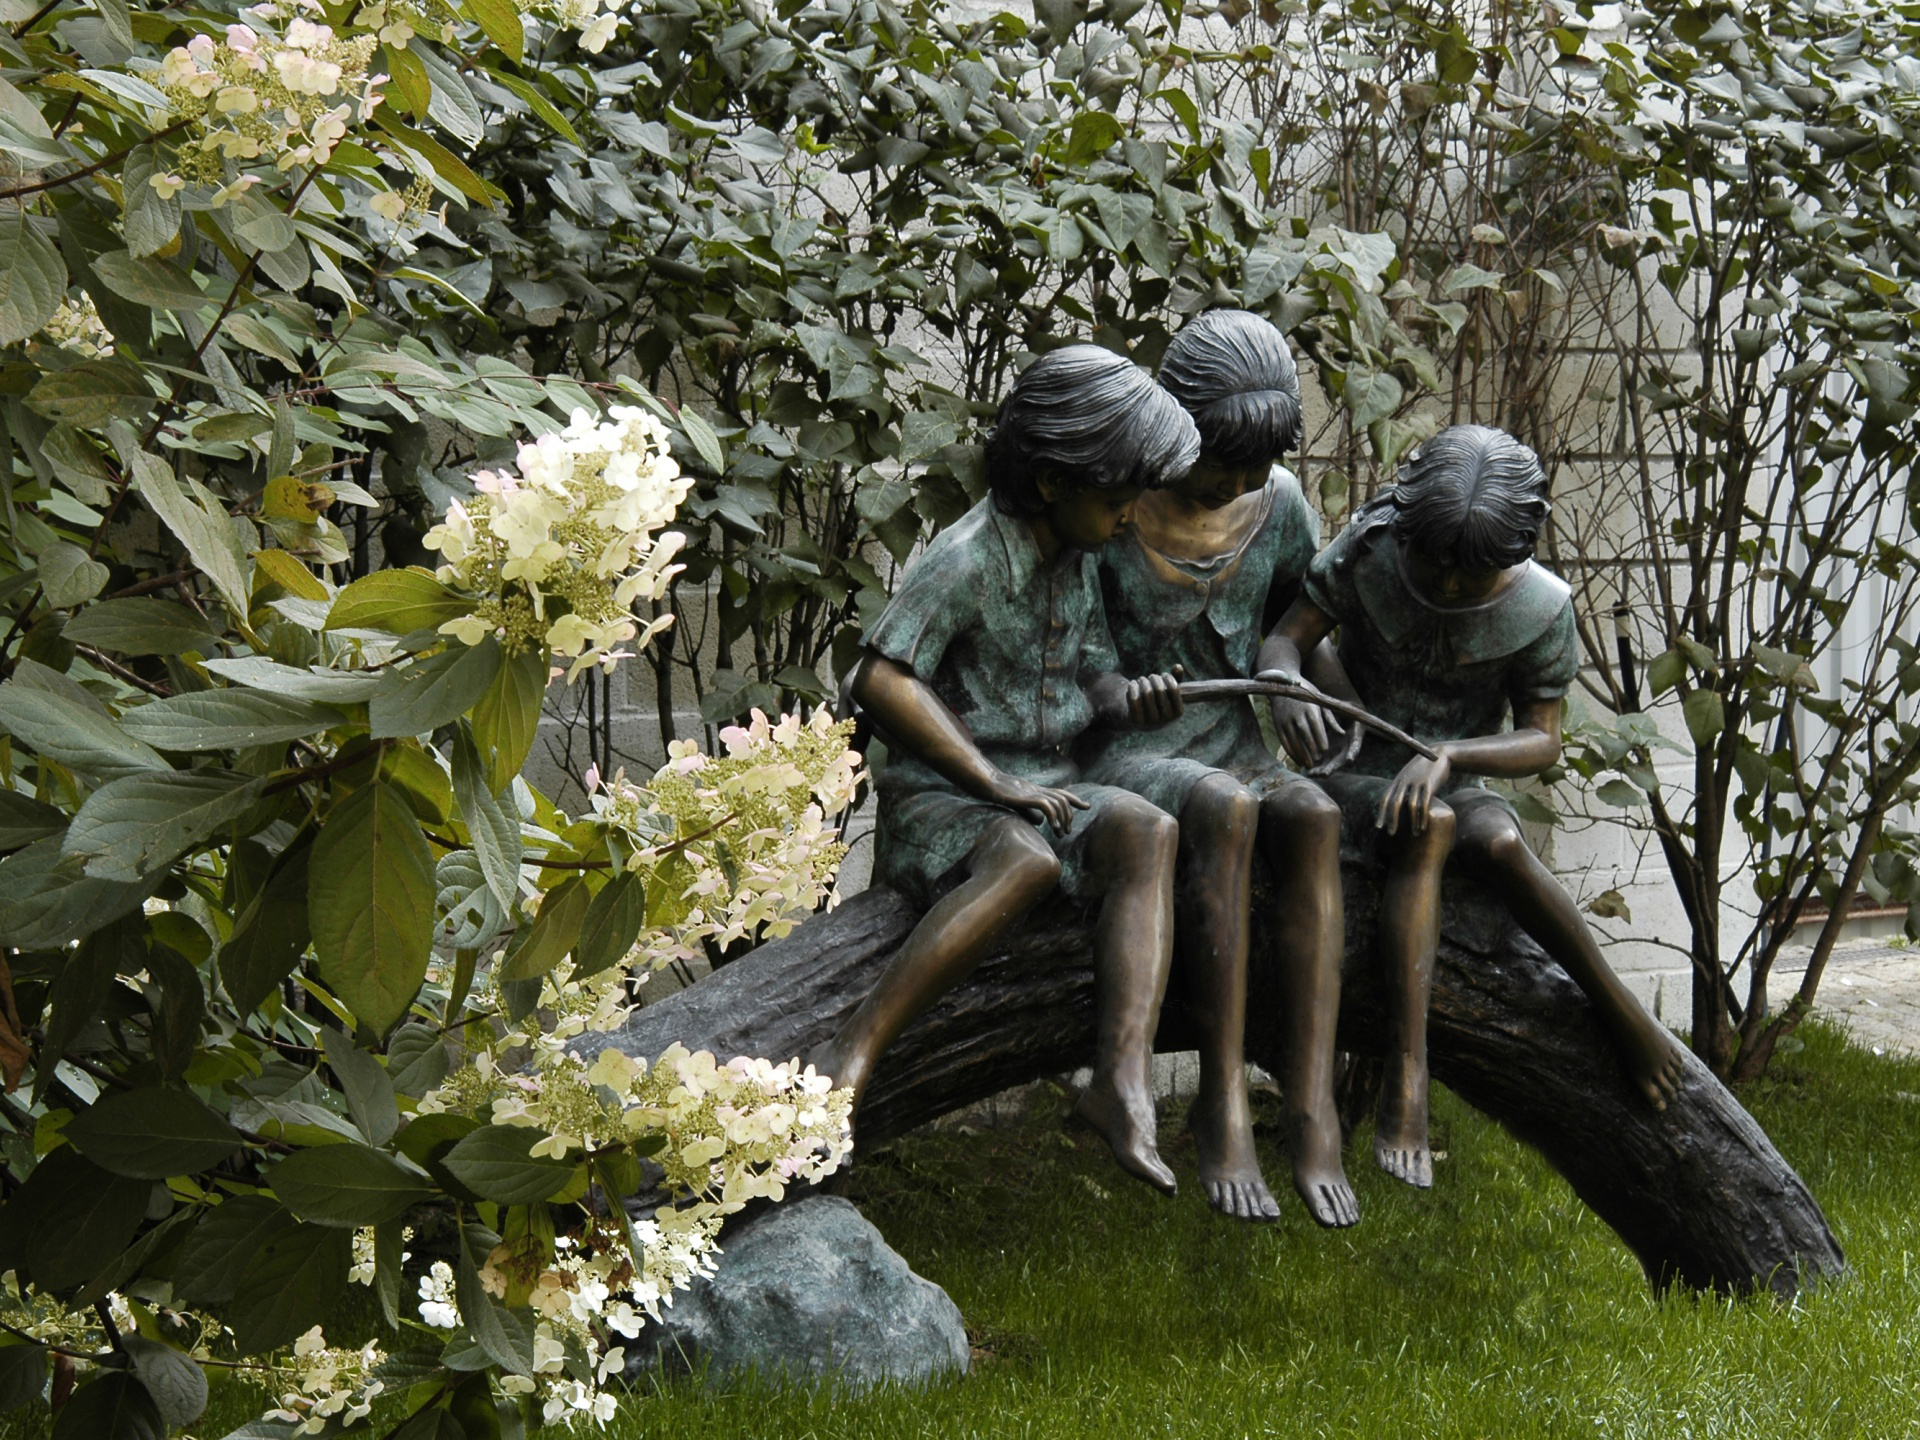 как украсить сад садовая скульптура фигуры в сад